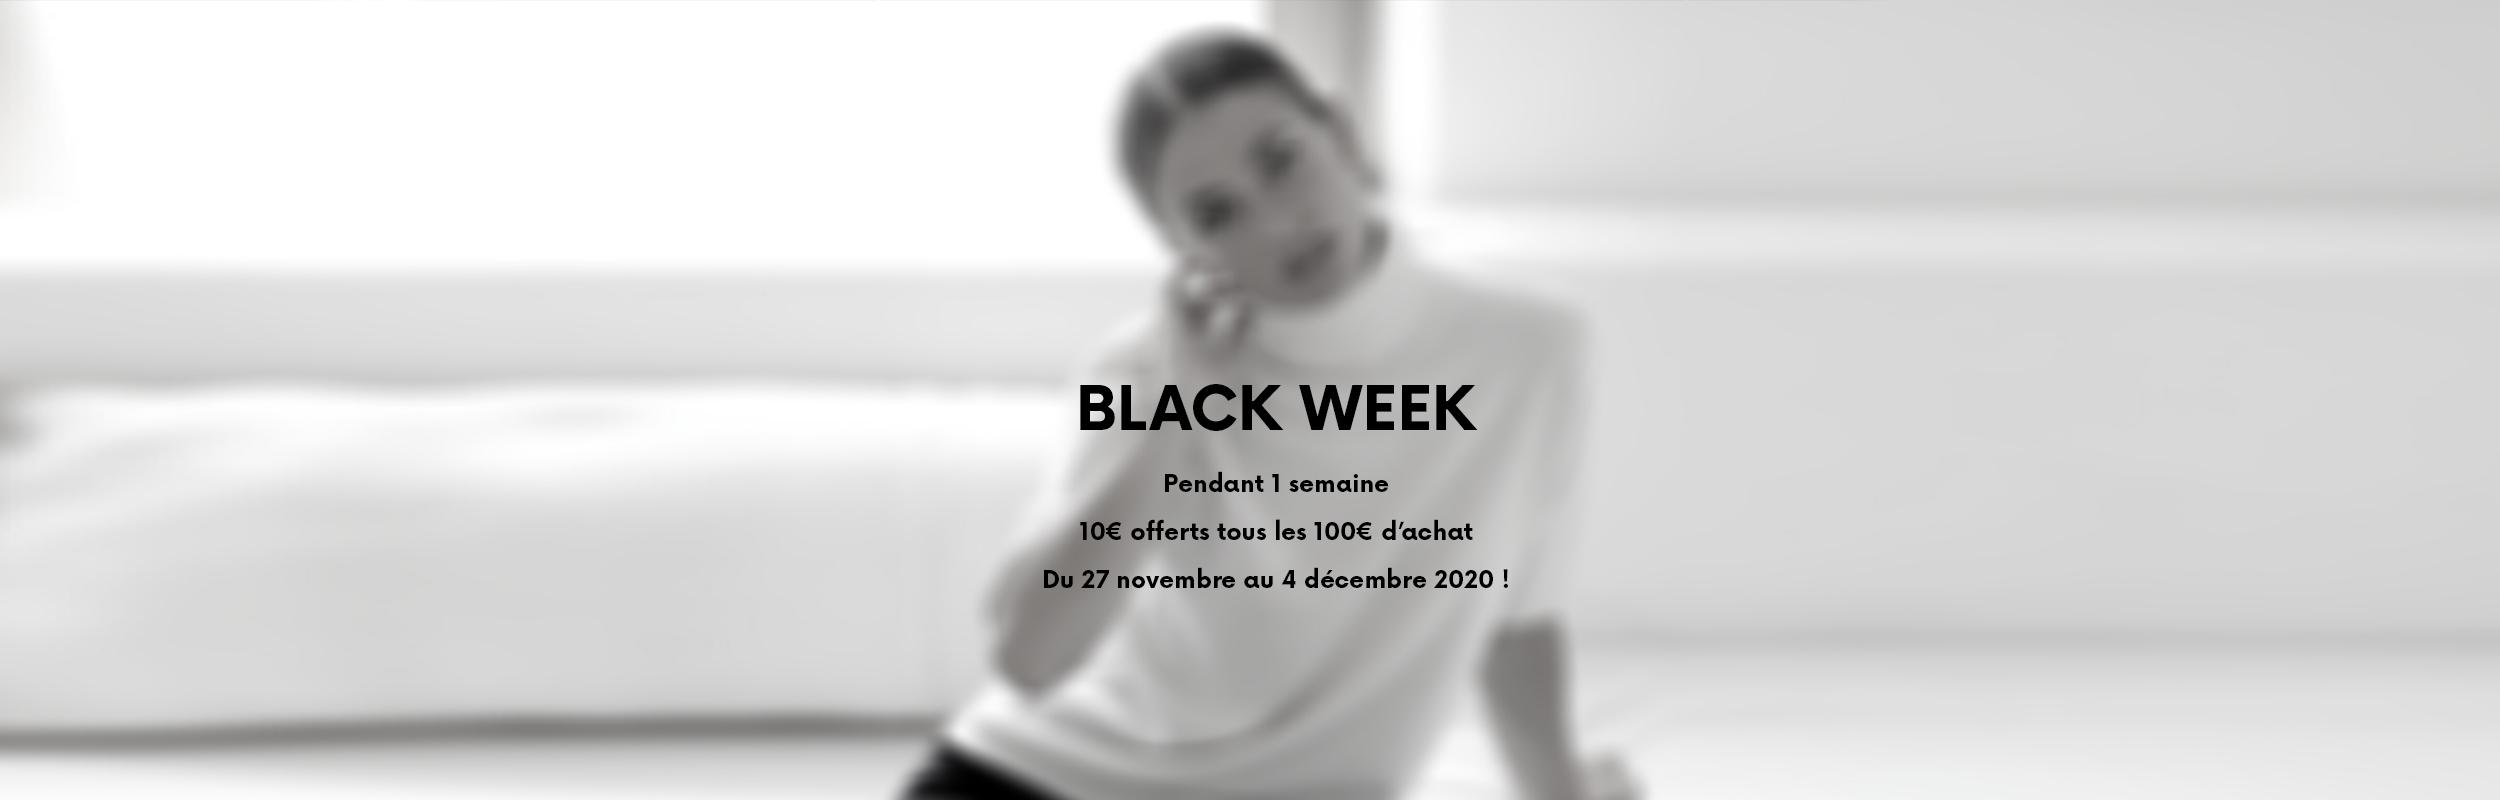 slide-black-week-2